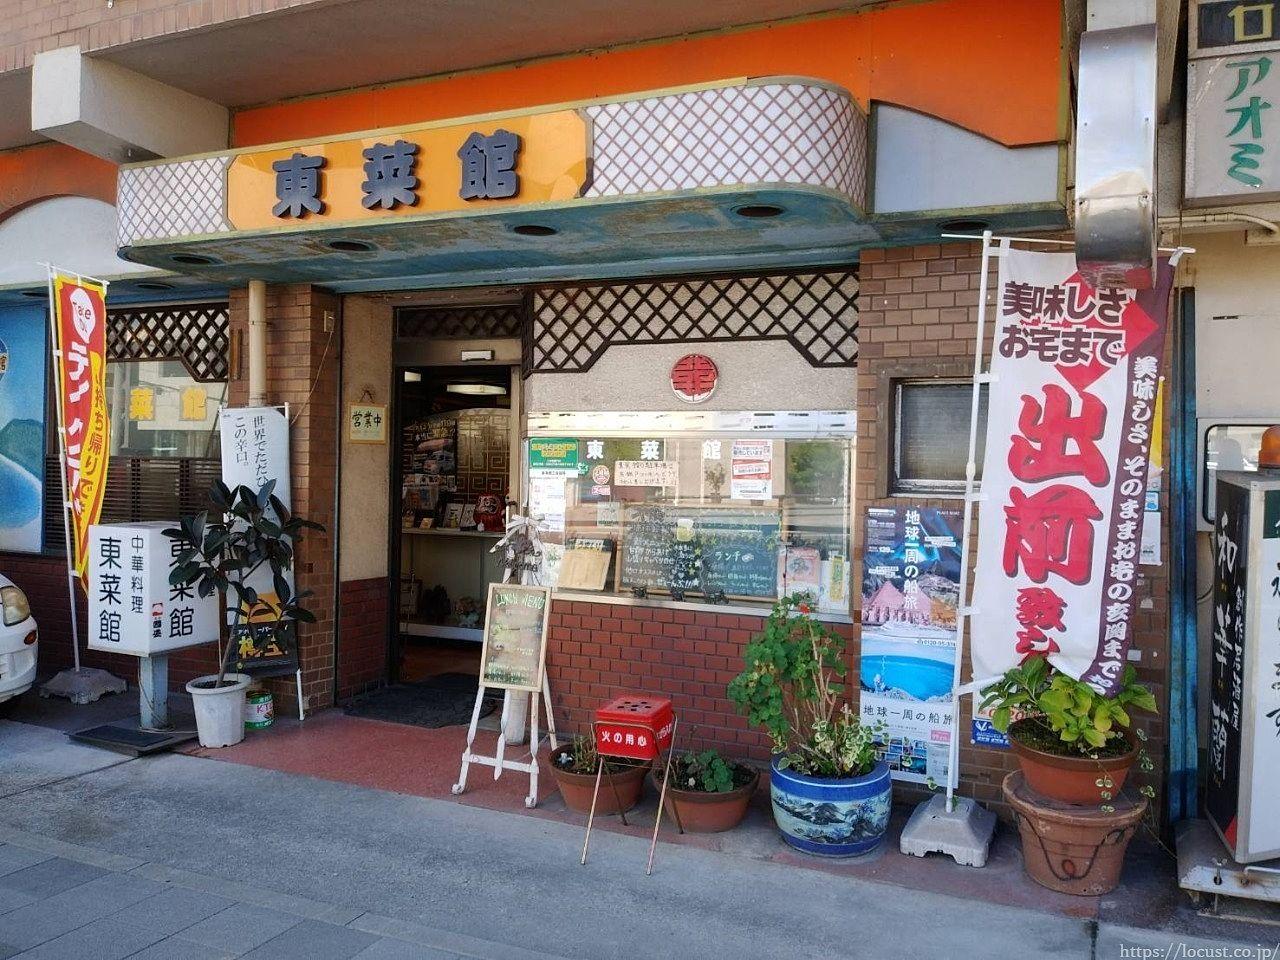 東海市大田町 町中華の老舗 東菜館純ちゃんに行ってきた。